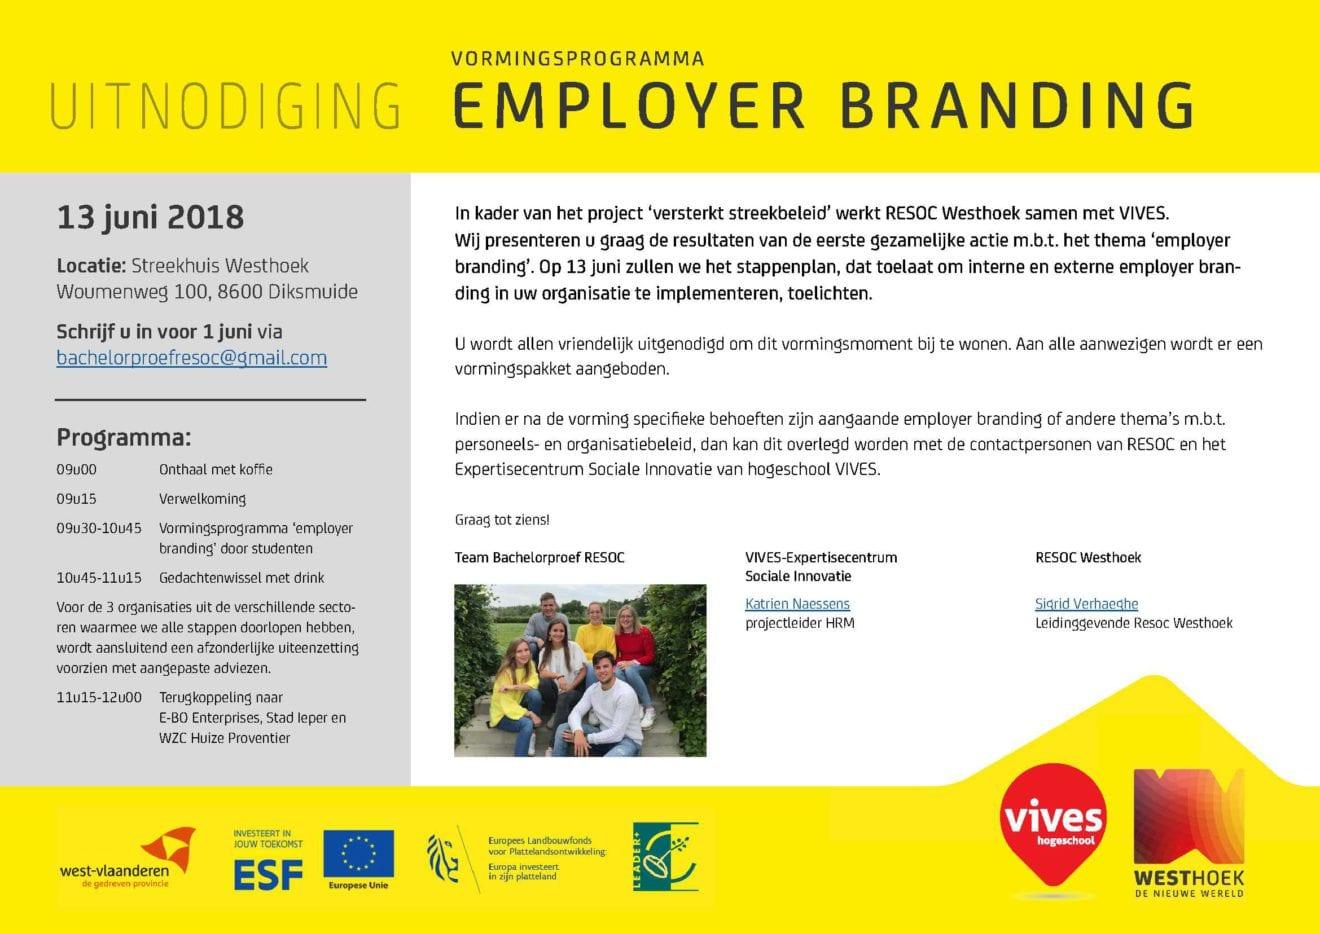 Uitnodiging Vormingsprogramma Employer branding RESOC Westhoek - VIVES